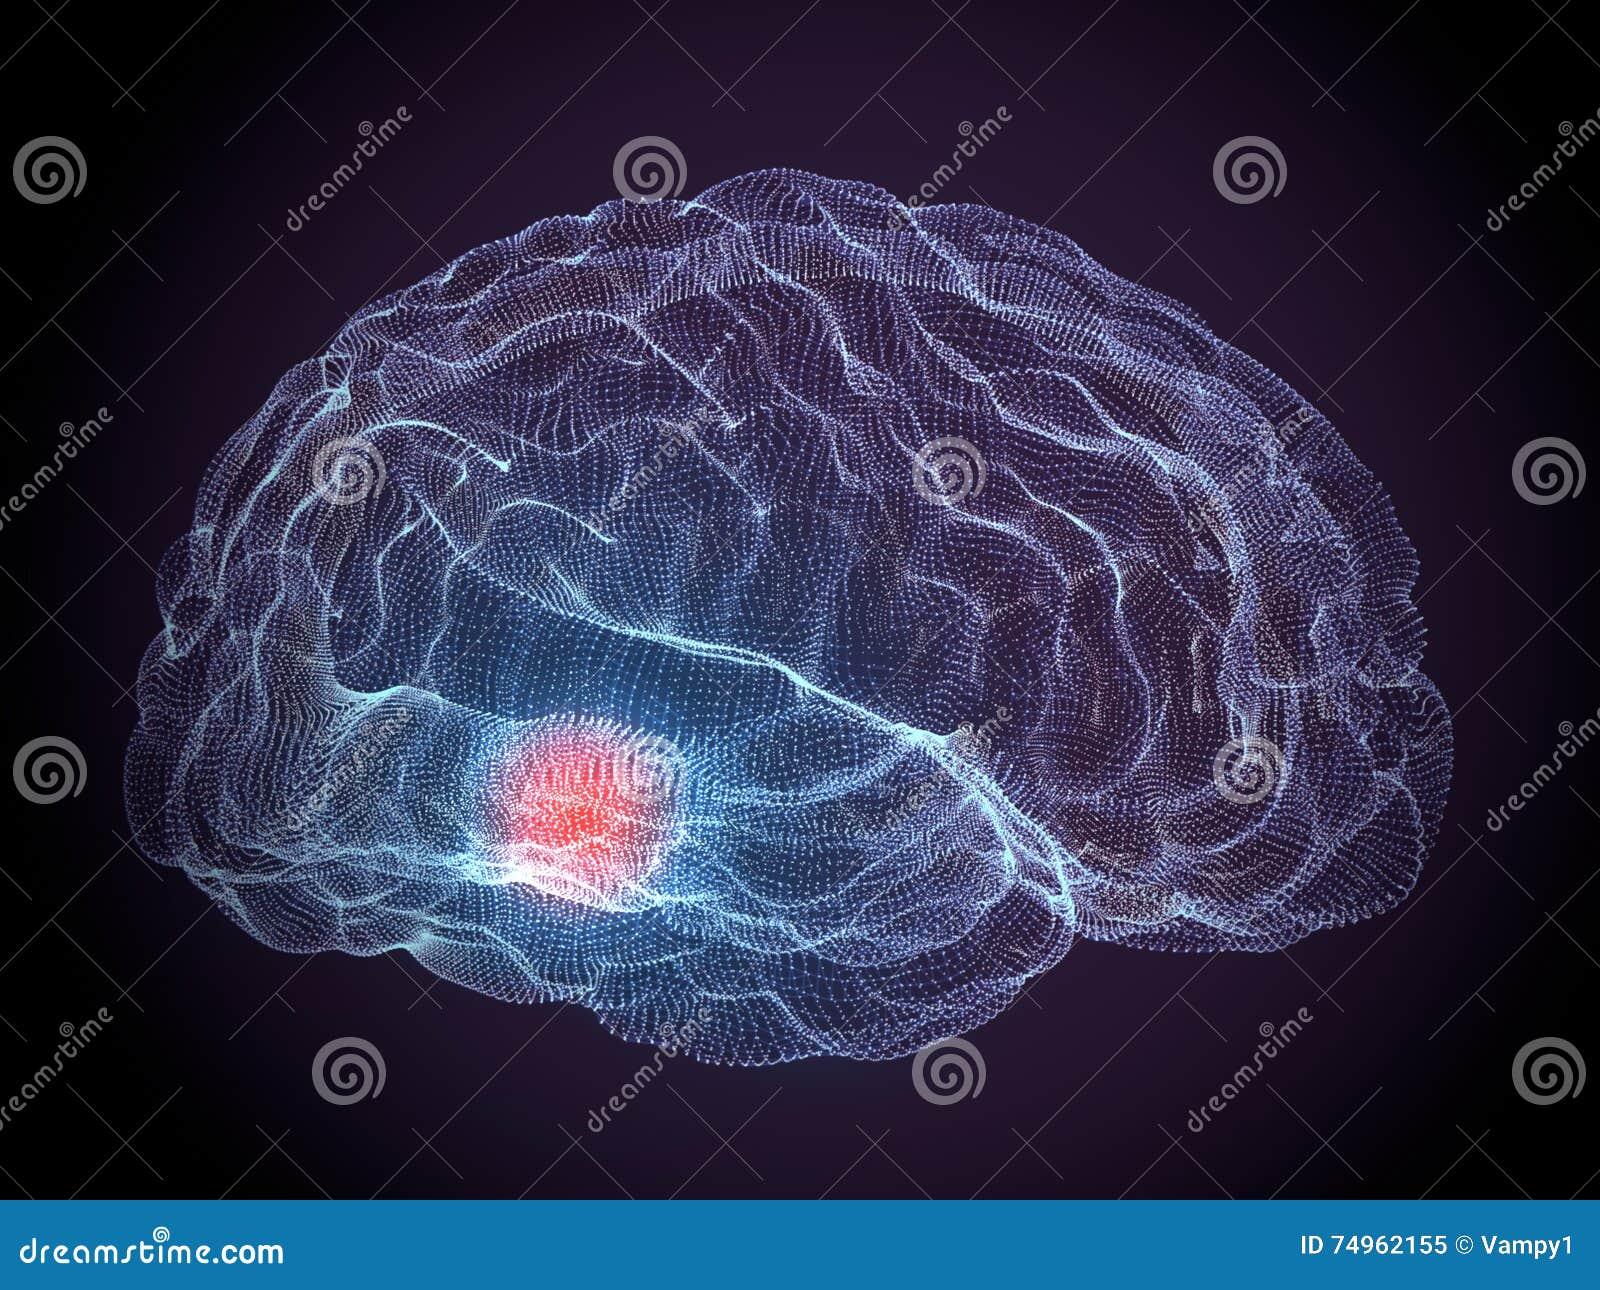 Parkinson degeneracyjne móżdżkowe choroby